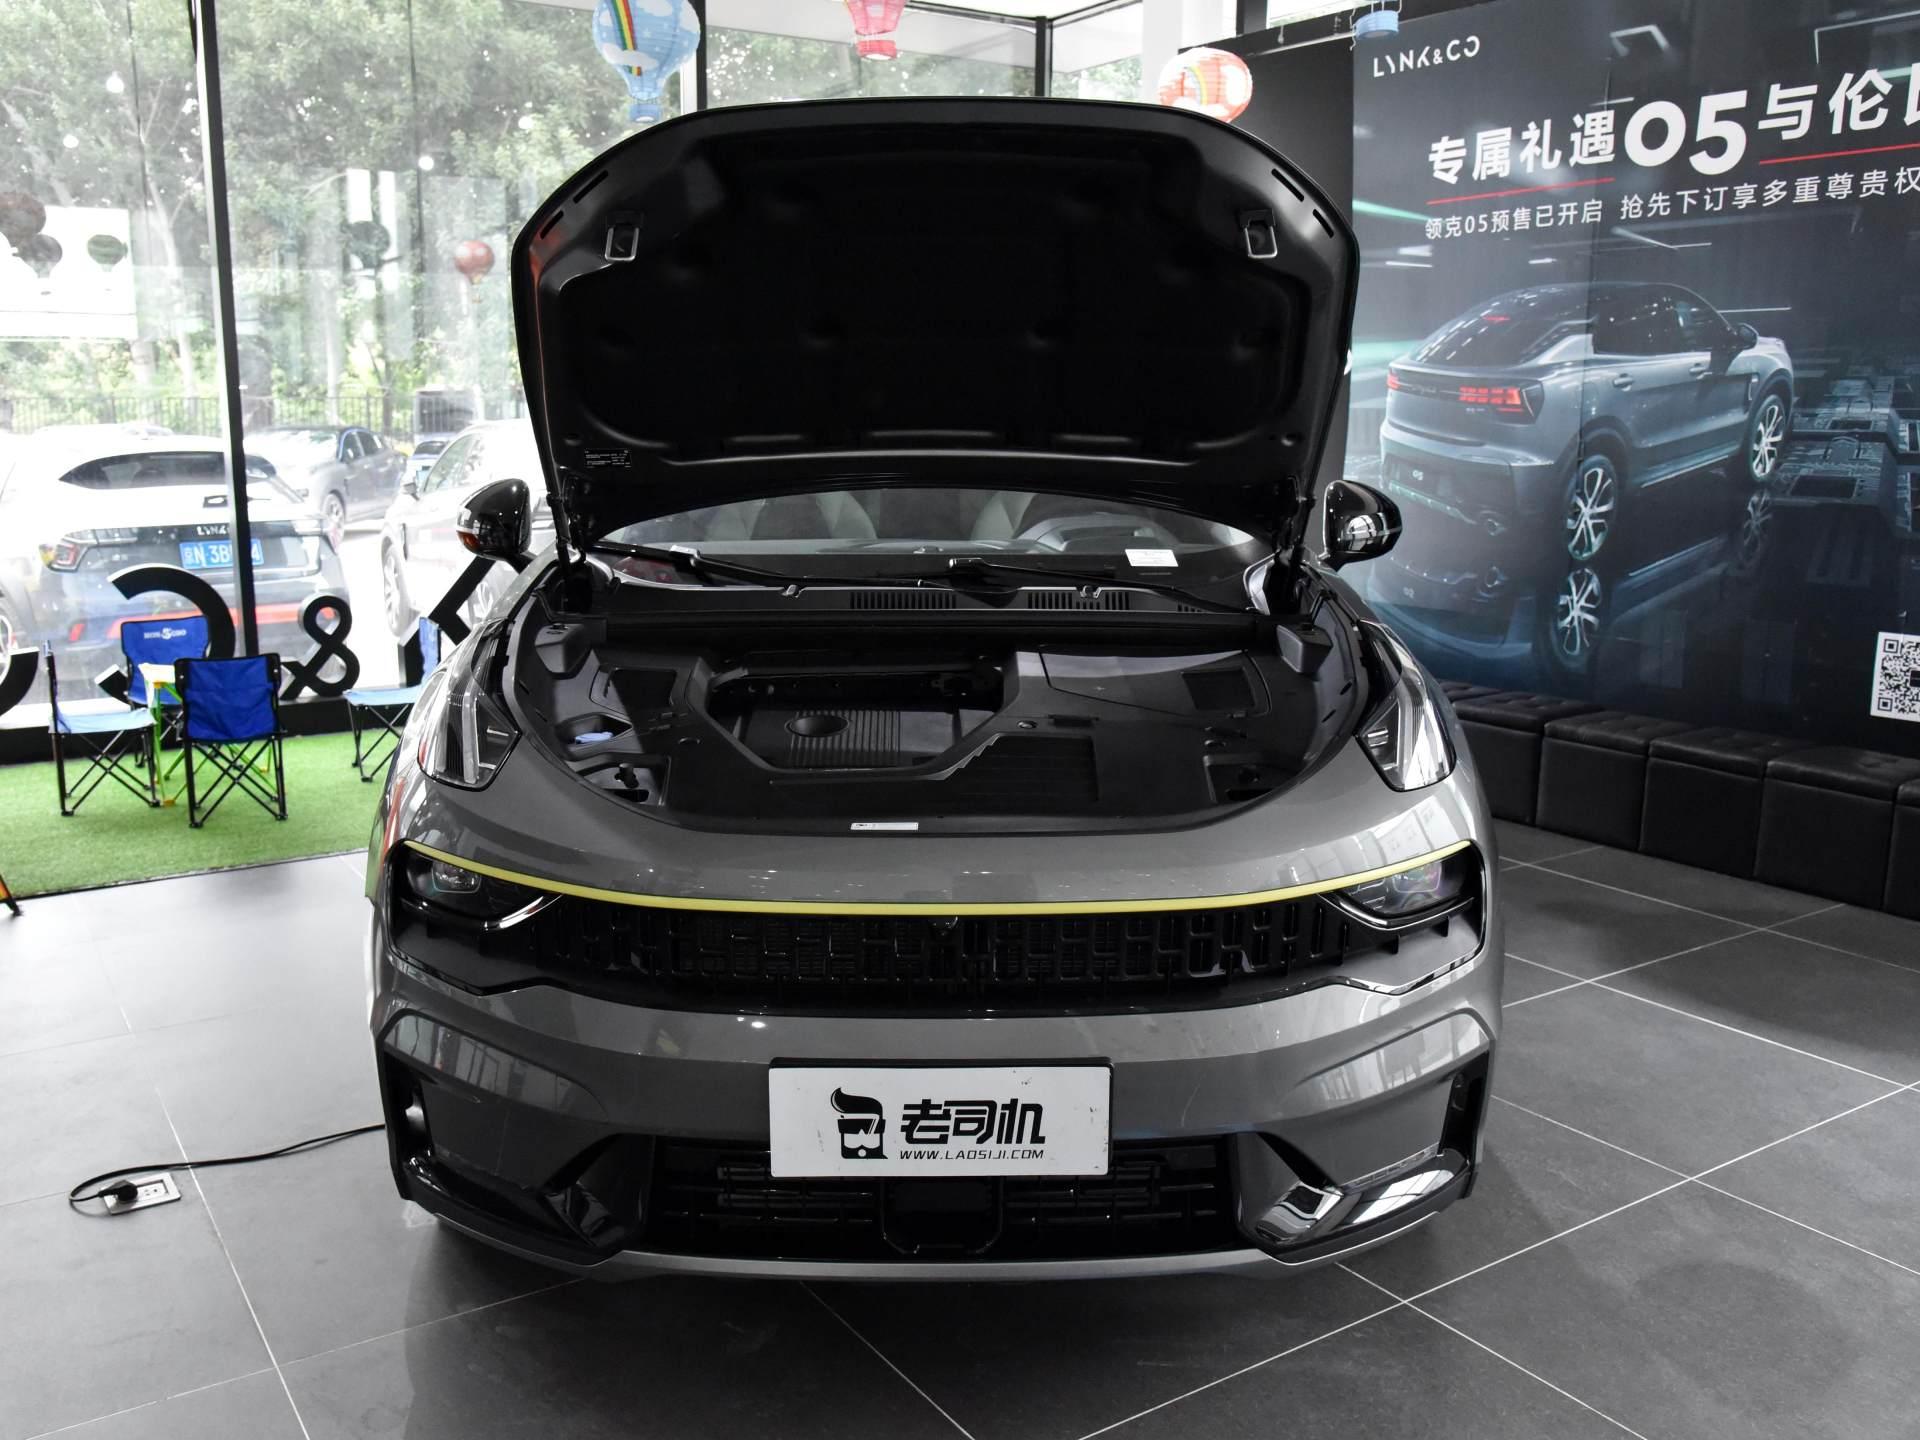 這臺中國車成功瞭,2.0T動力不輸CRV,空間不輸途嶽,油耗也不高-圖7